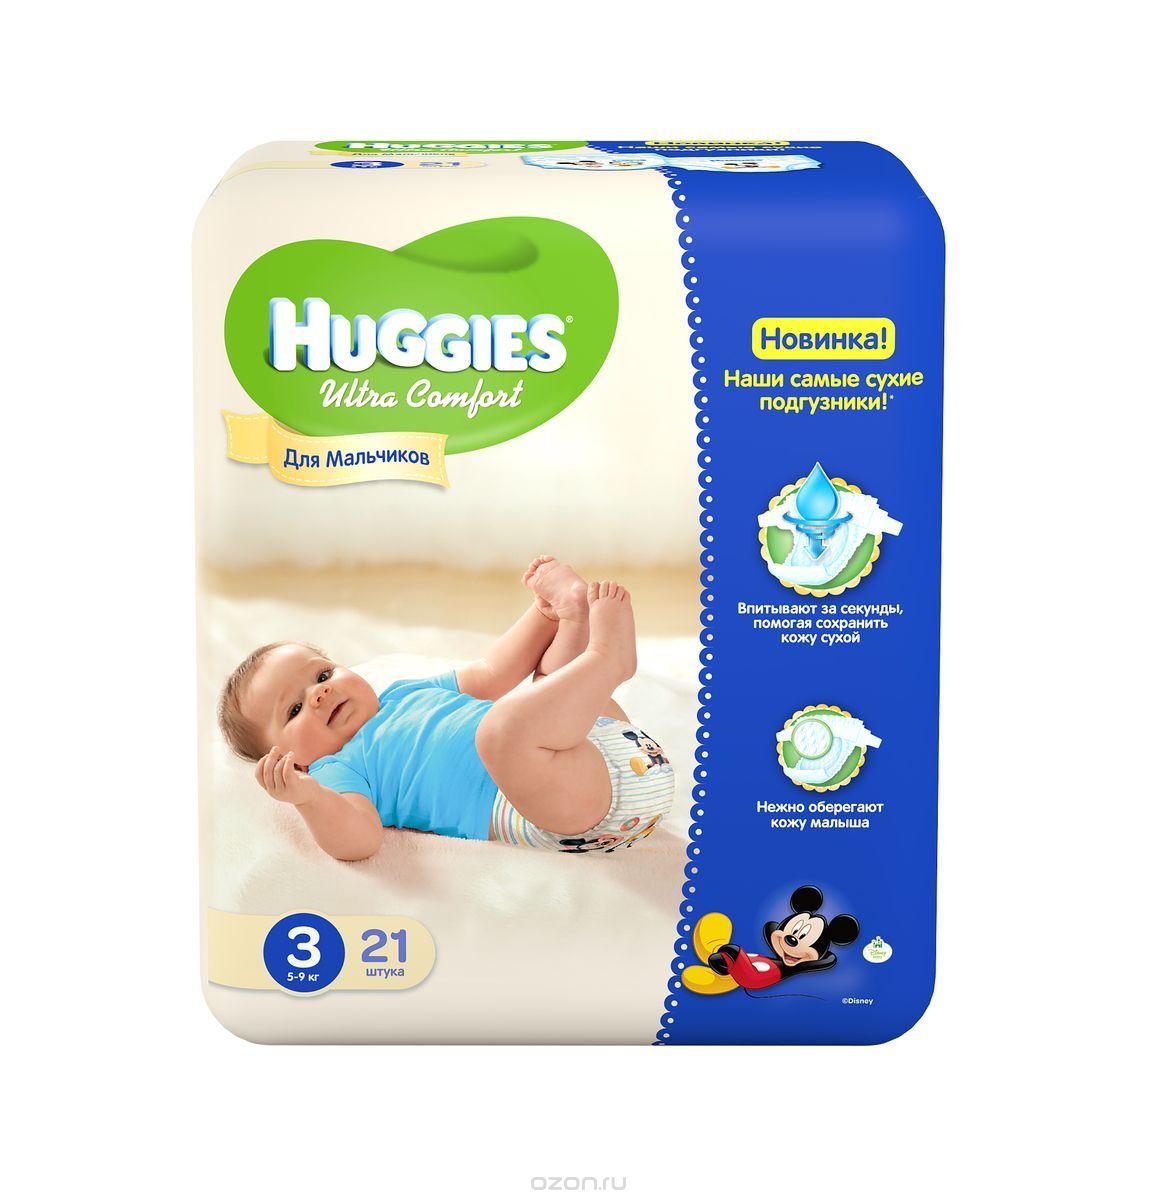 Huggies Подгузники для мальчиков Ultra Comfort 5-9 кг (размер 3) 21 шт9402311Подгузники №1 по комфорту. Подгузники Huggies Ultra Comfort созданы специально для мальчиков и для девочек - чтобы им было удобно и комфортно в любой ситуации. Преимущества: Уникально расположенные впитывающие каналы быстро распределяют жидкость для уменьшения набухания и провисания подгузника там, где необходимо мальчикам - ближе к животику. Уникальный впитывающий слой быстро впитывает и расположен там, где необходимо мальчикам. Яркие герои Disney - два замечательных дизайна Disney в каждой упаковке, где от размера к размеру Baby-Miсkey растет вместе с малышом. Анатомическая форма подгузника между ножками для лучшего ощущения комфорта. Эластичный поясок и эластичные застежки для комфортного прилегания.